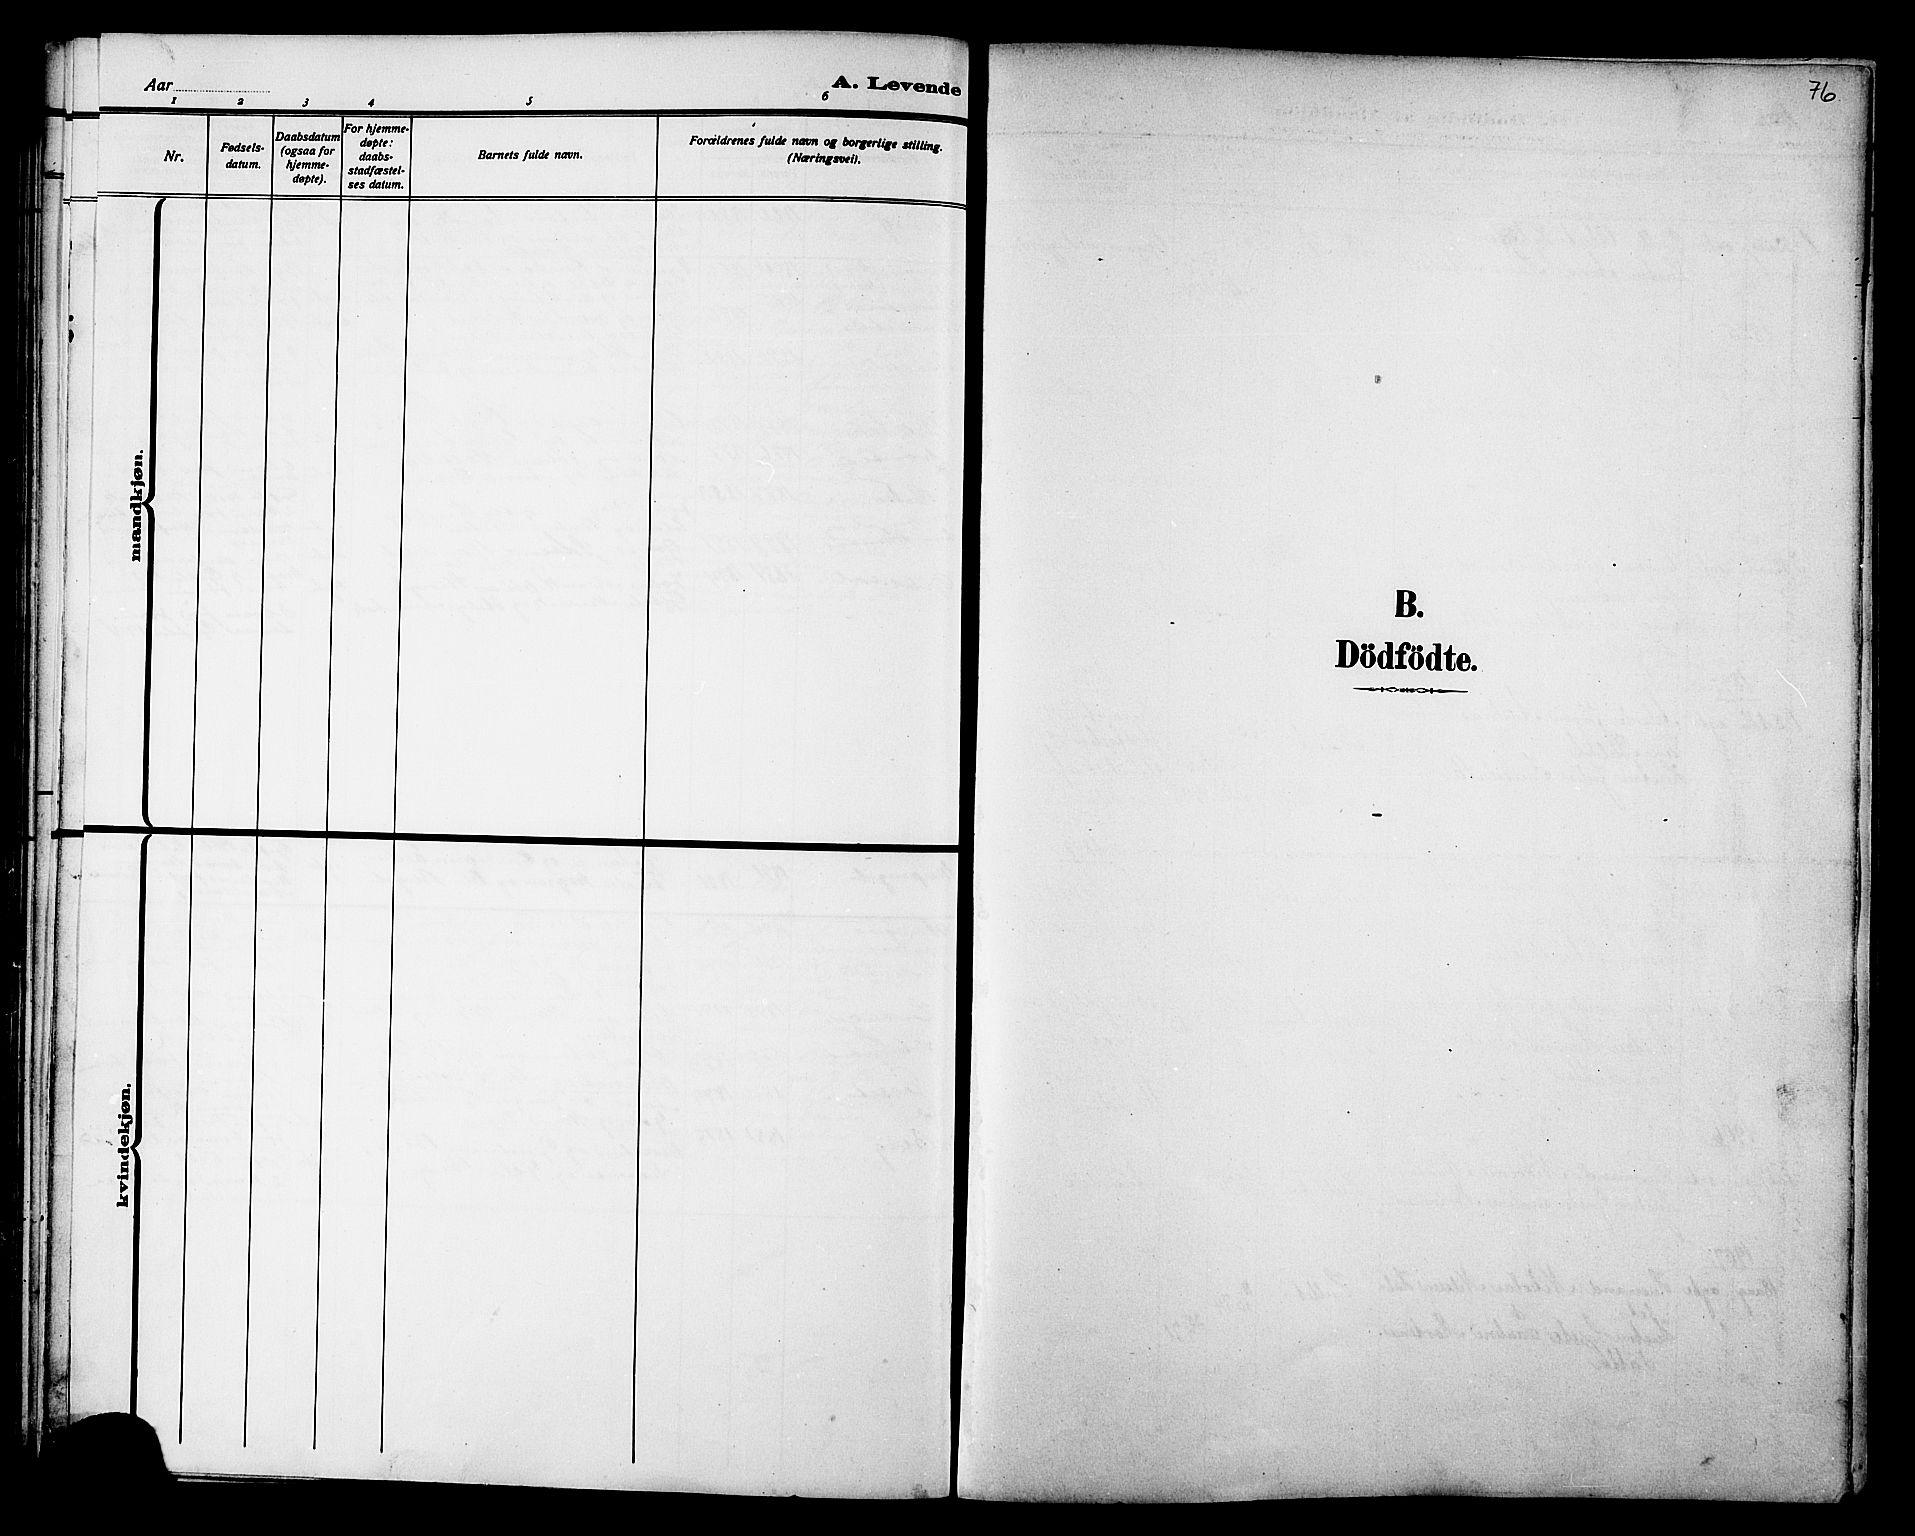 SAT, Ministerialprotokoller, klokkerbøker og fødselsregistre - Nord-Trøndelag, 733/L0327: Klokkerbok nr. 733C02, 1888-1918, s. 76